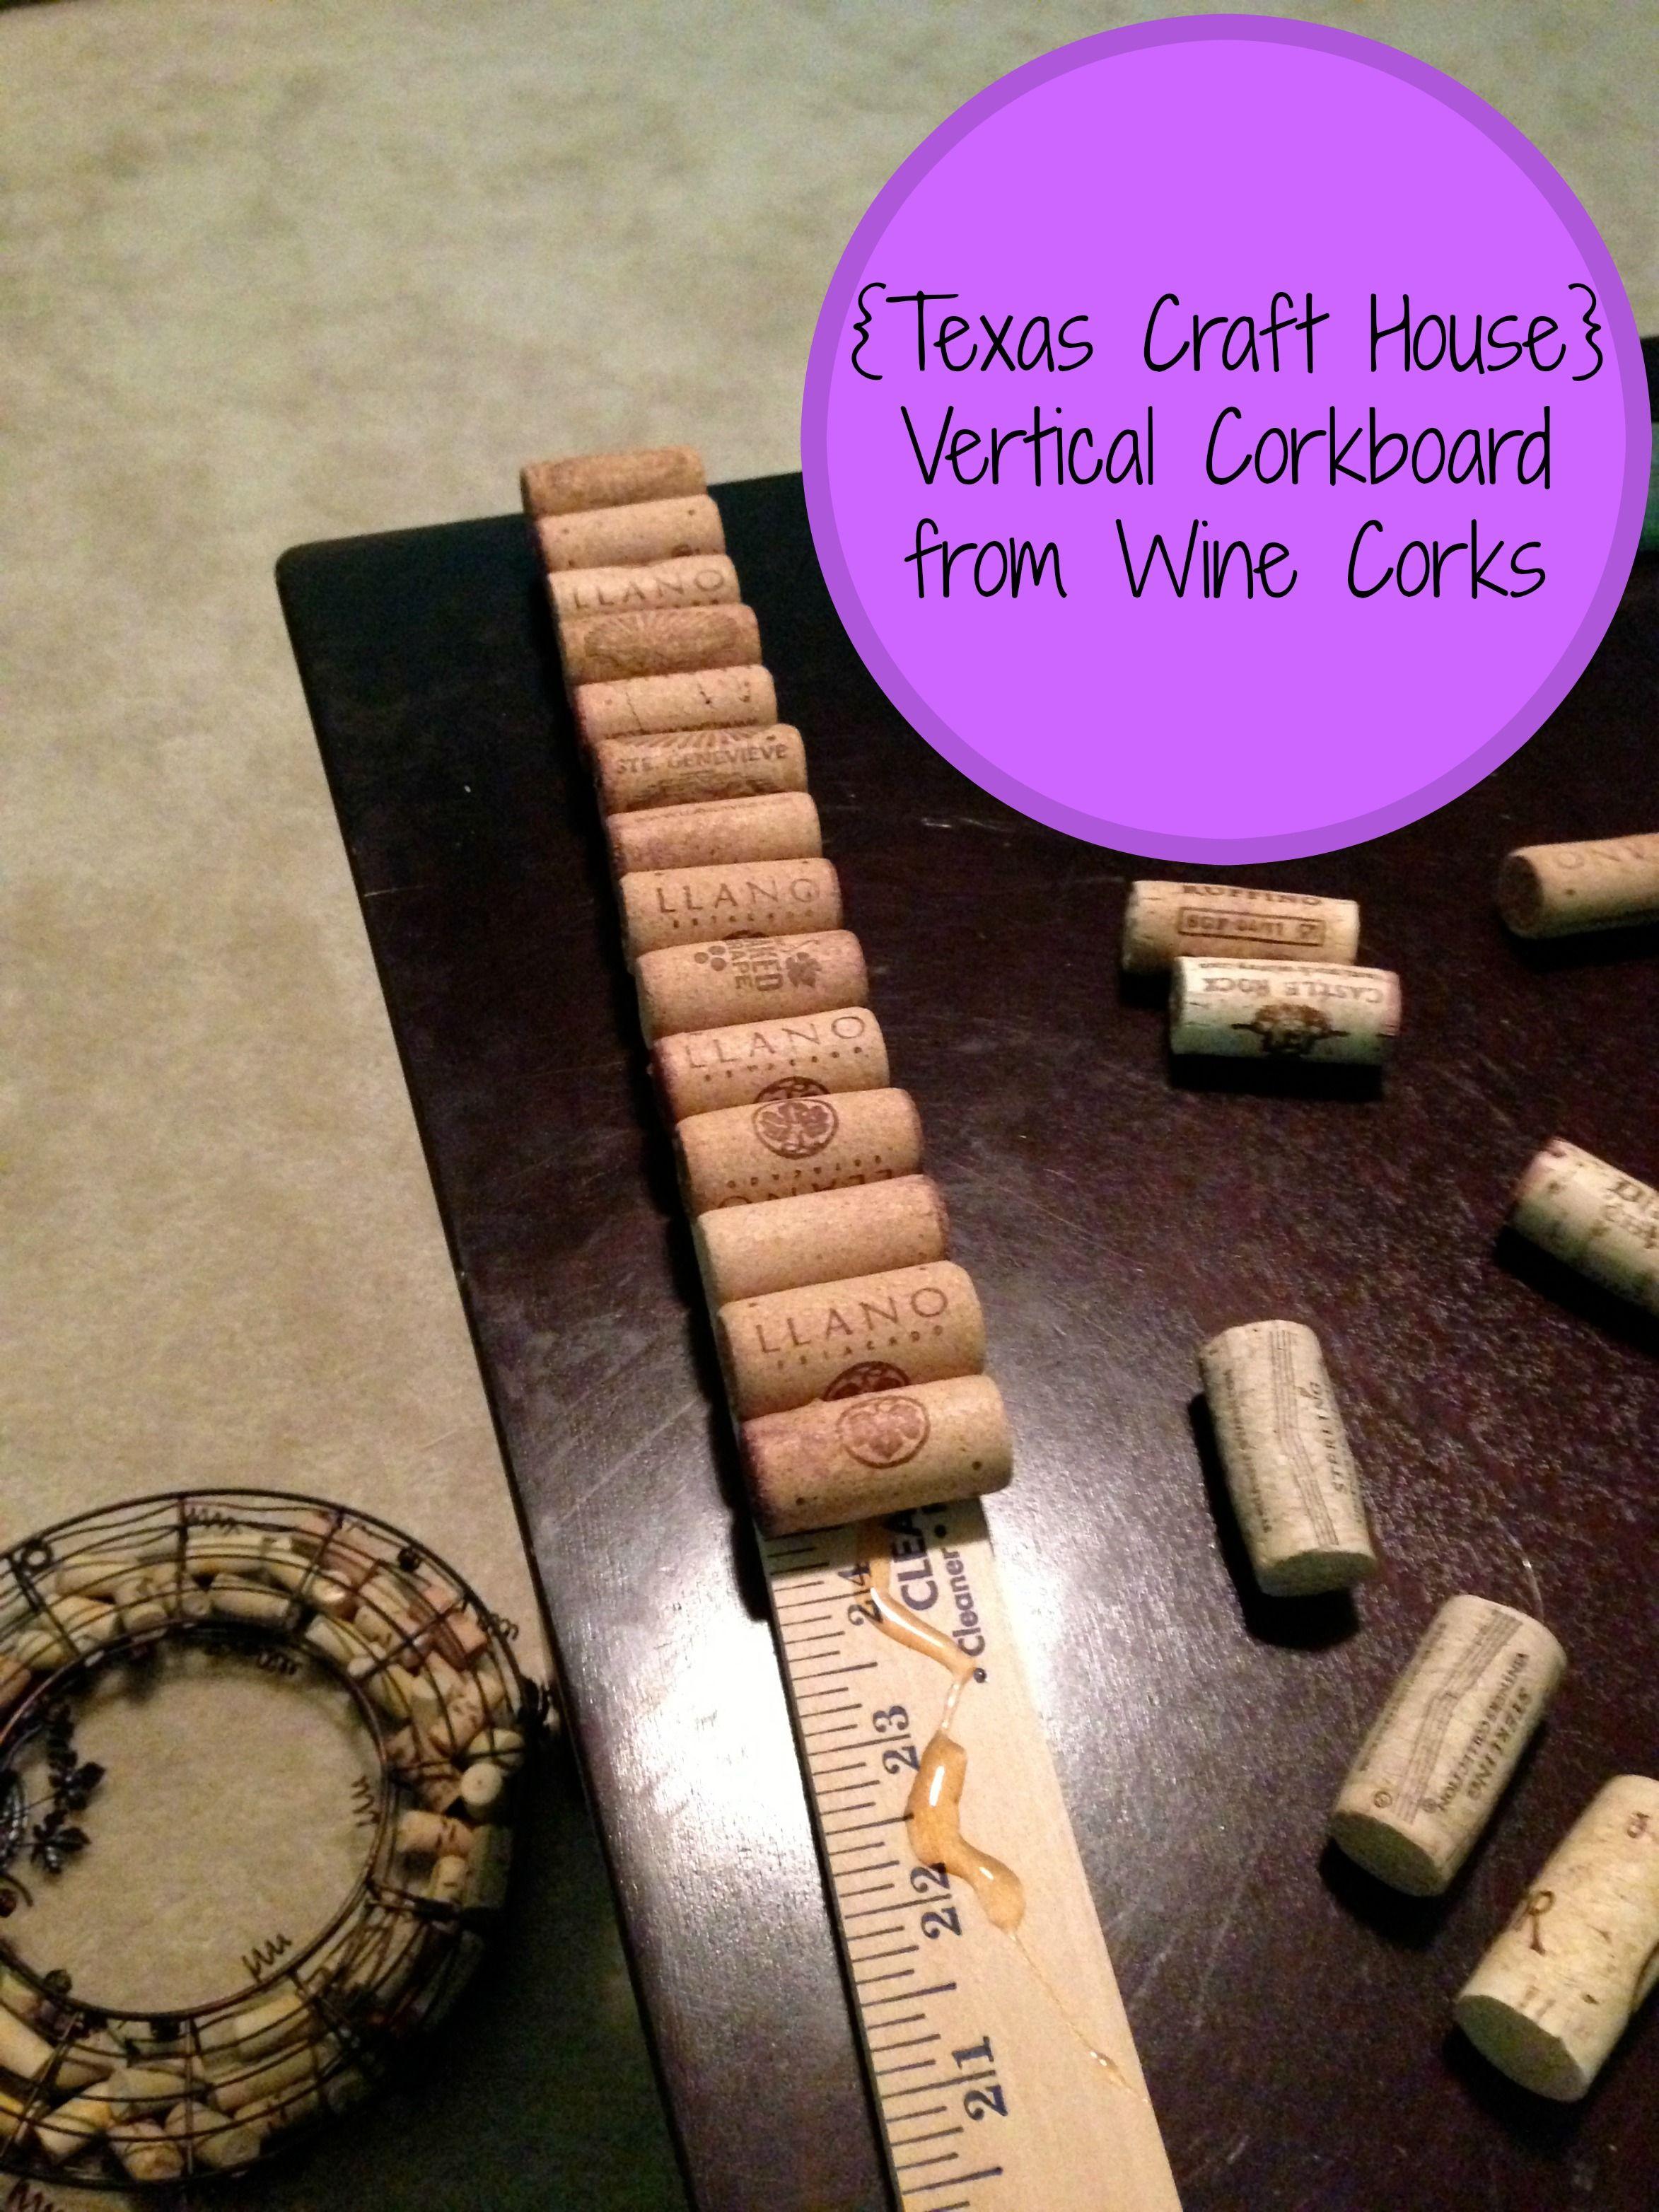 Texas Craft House Make a vertical cork